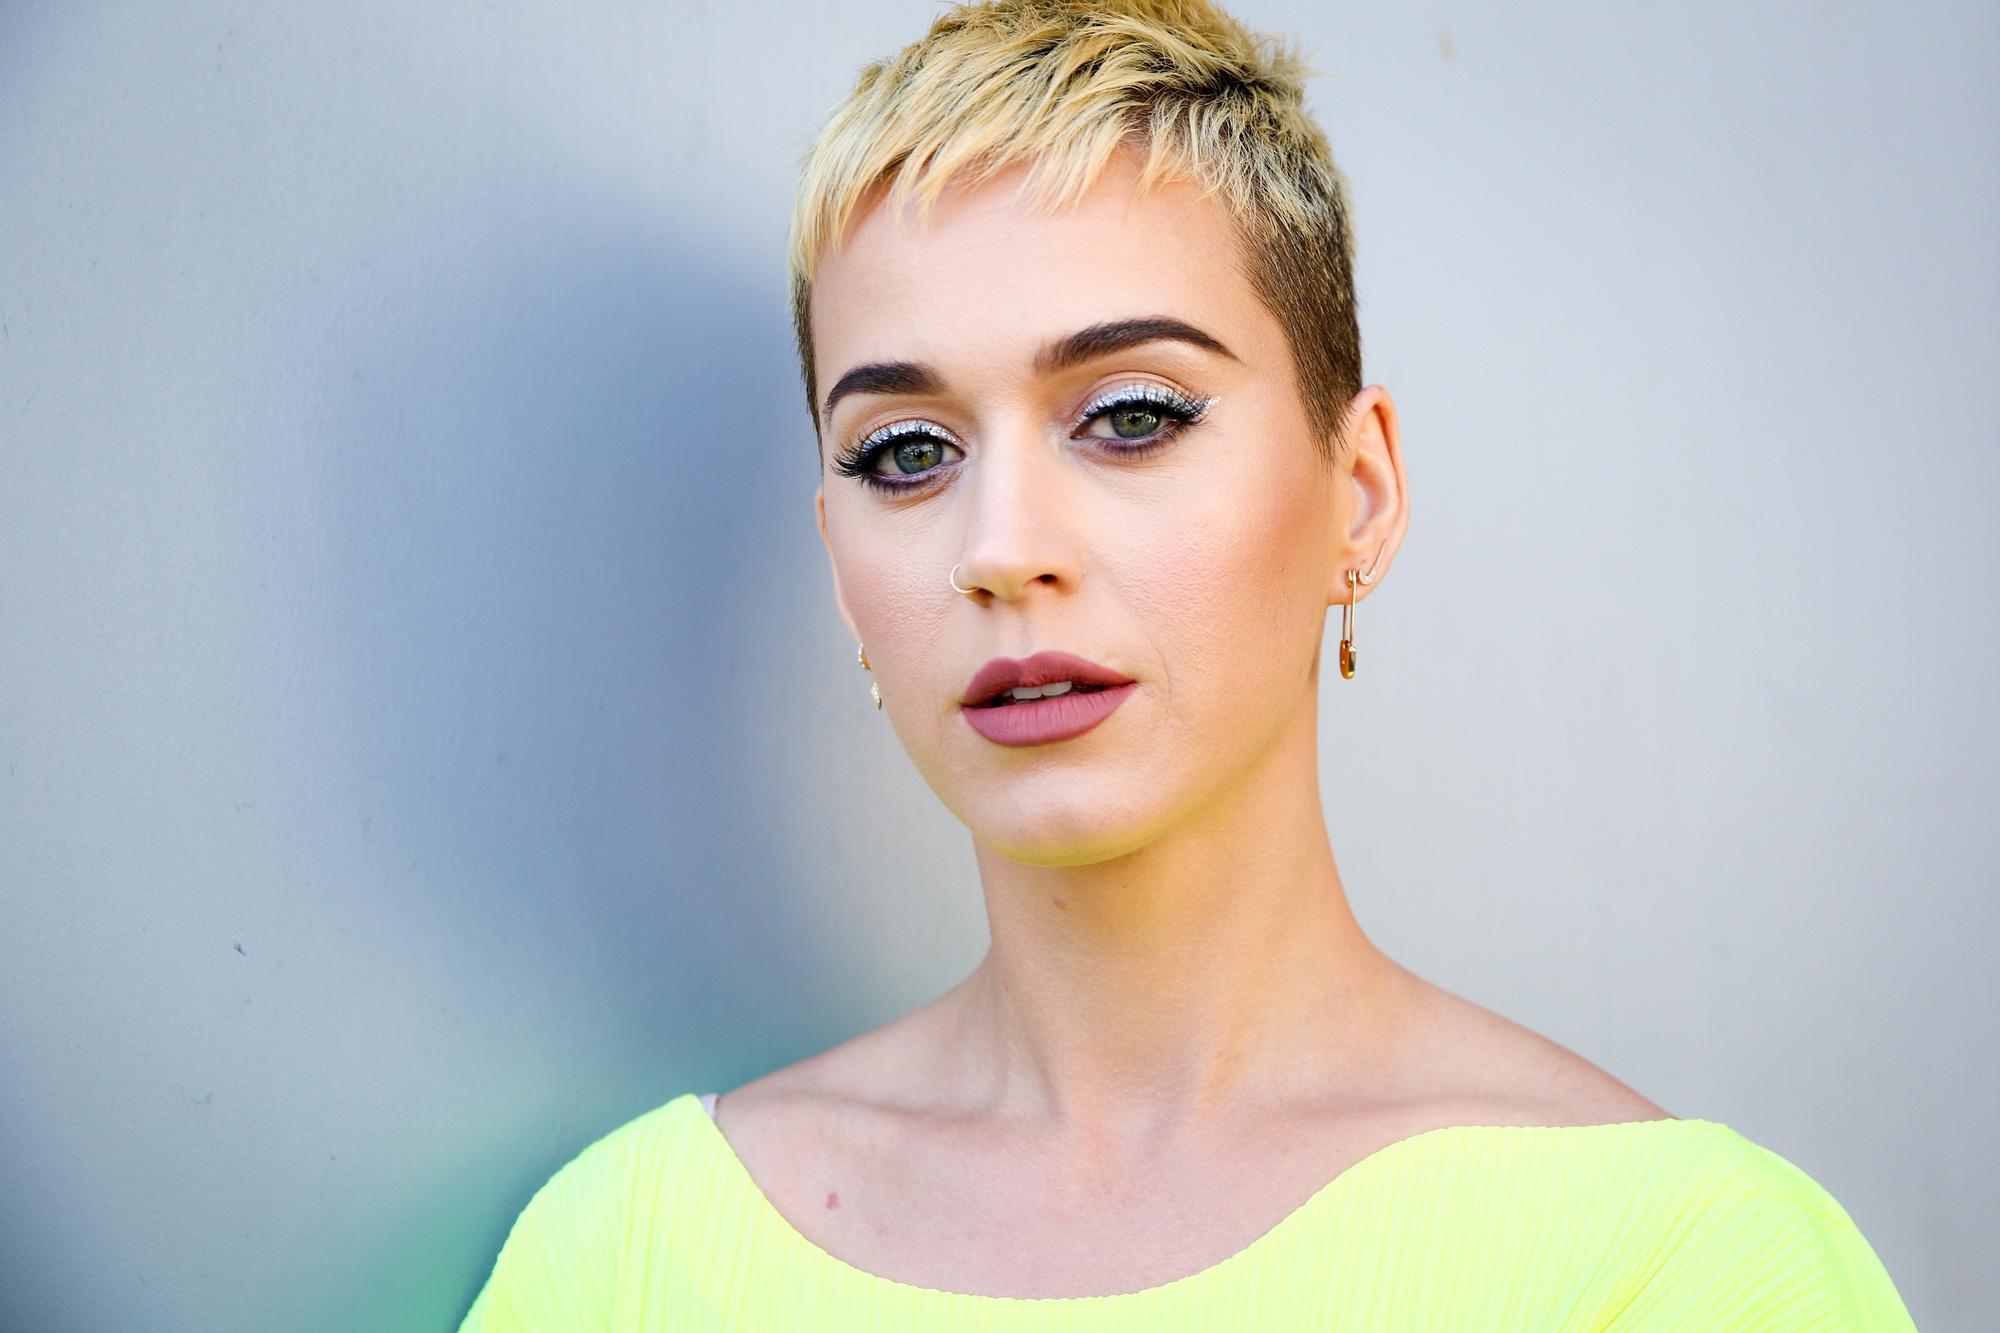 Bà bầu Katy Perry tiết lộ từng muốn tự tử khi chia tay vị hôn phu 2 năm trước và album không đạt thành tích tốt - Ảnh 1.